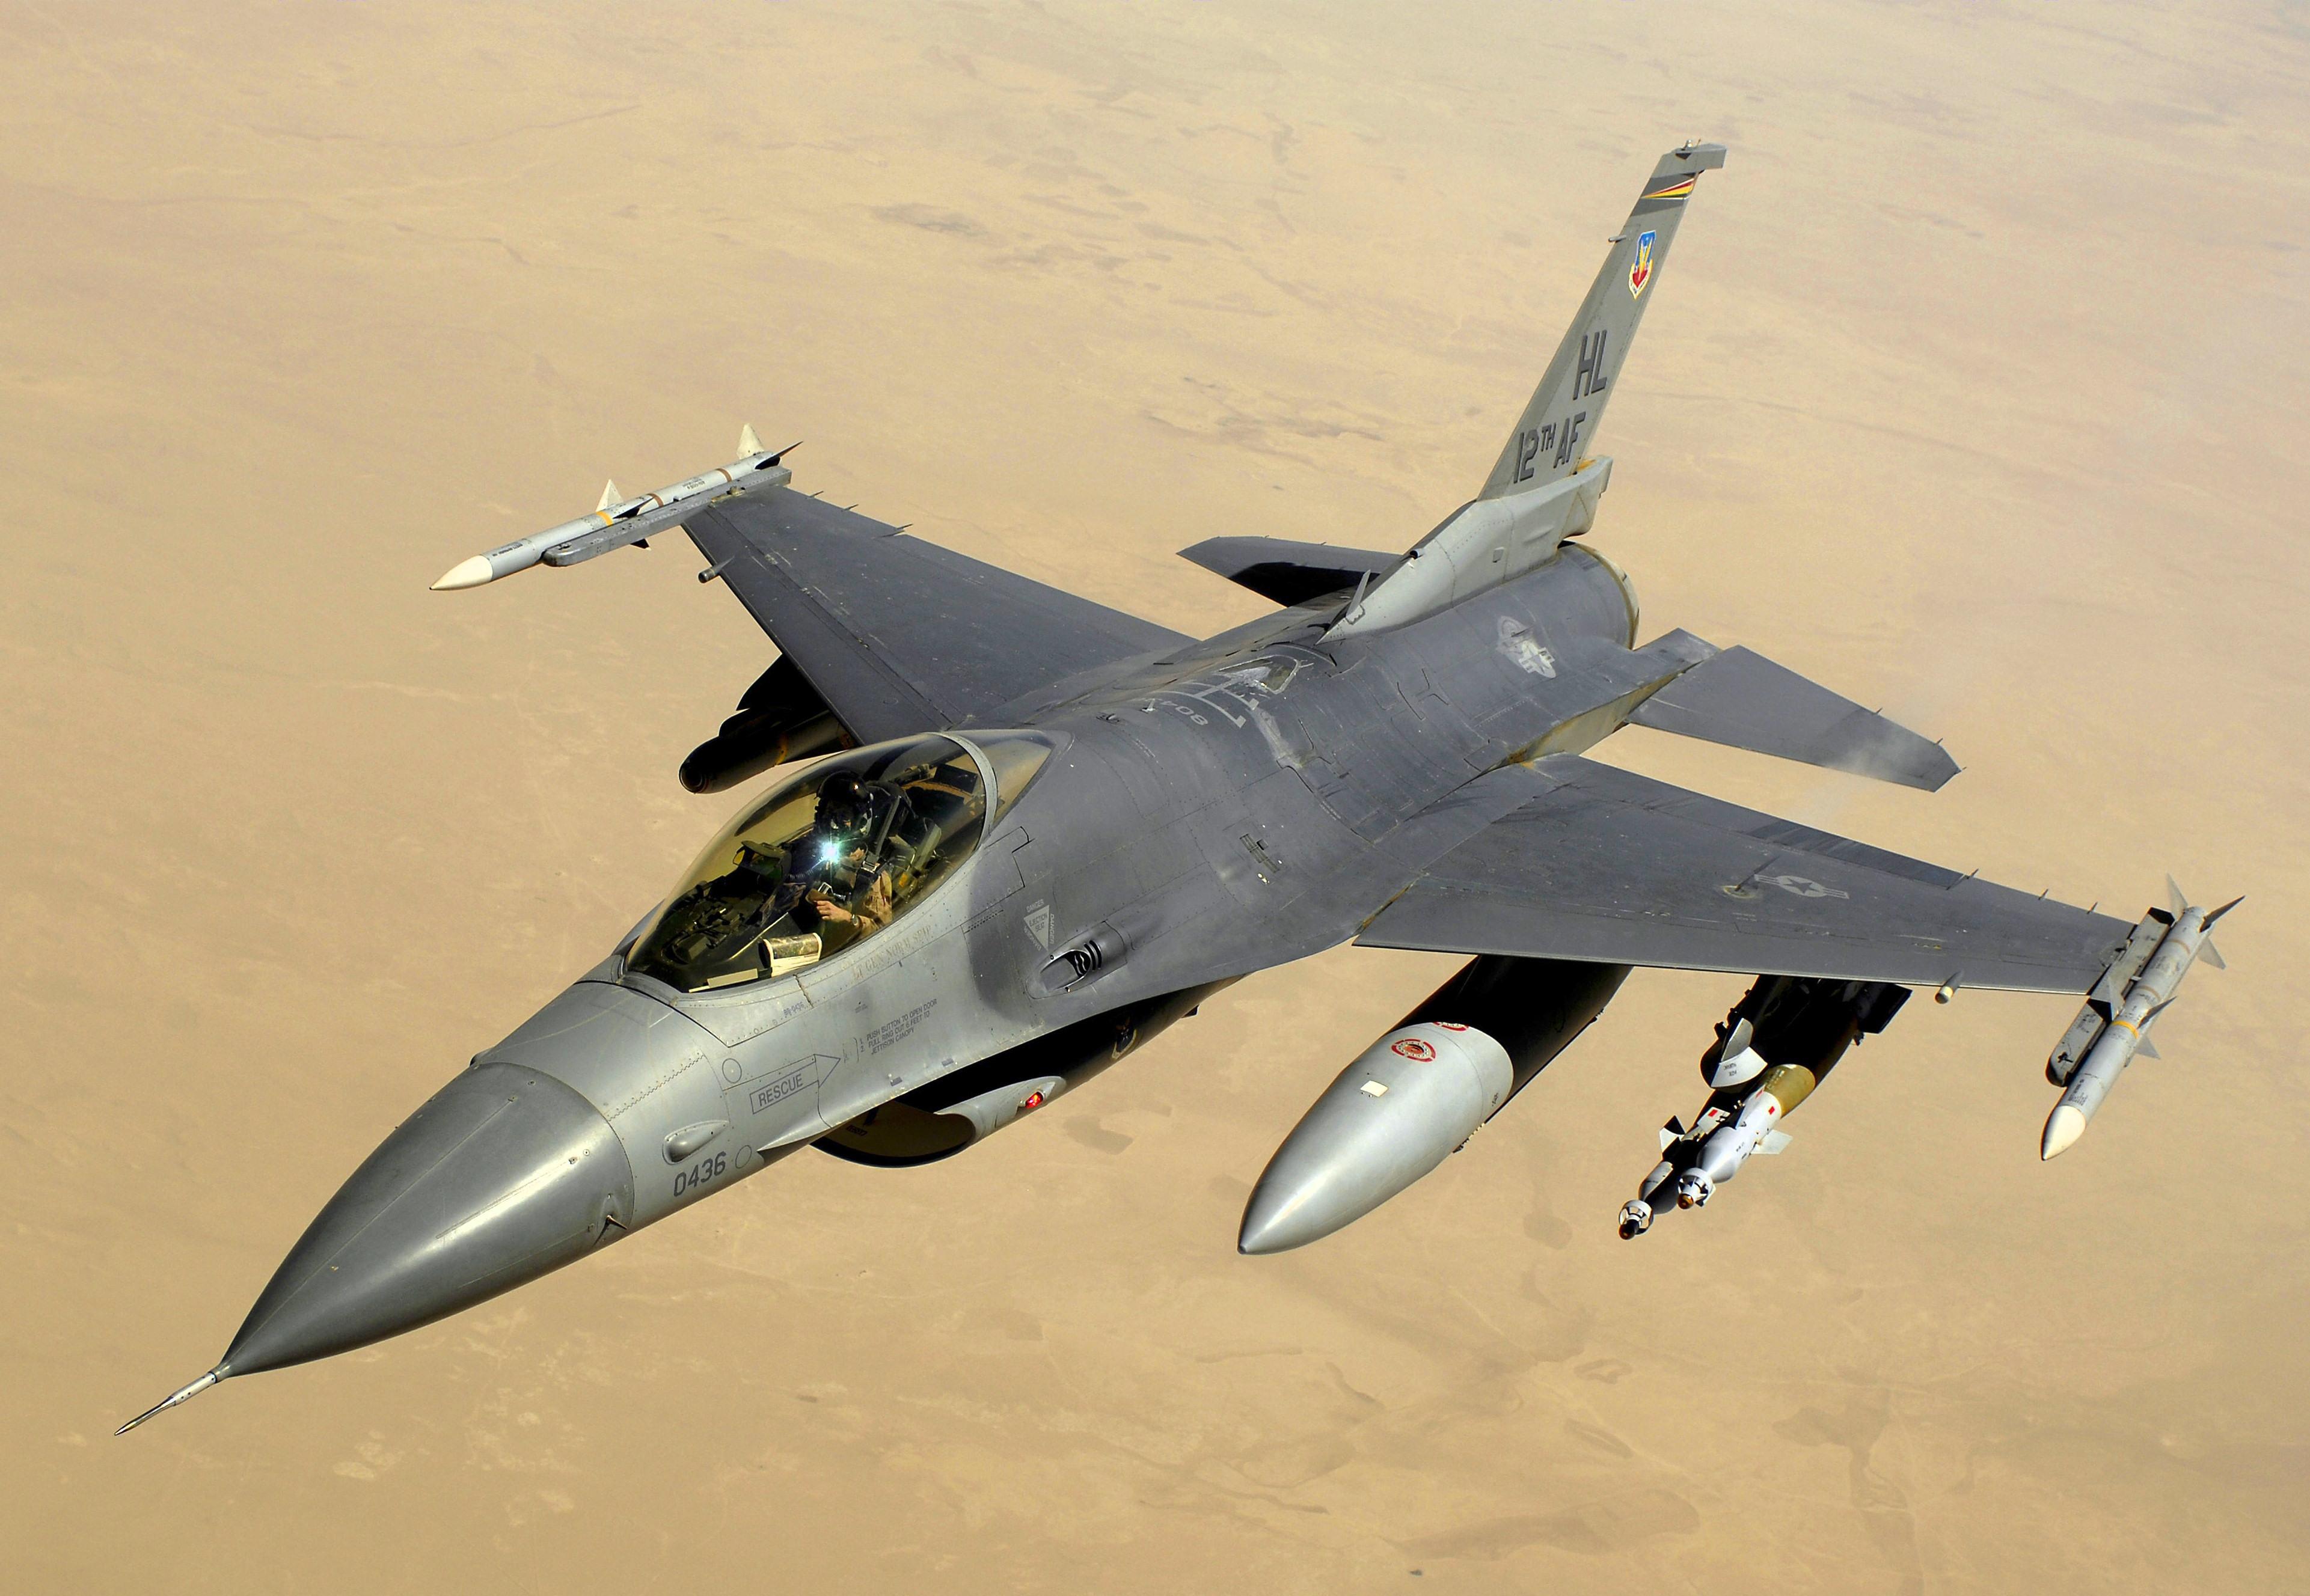 Pada Sabtu (17/9), Kementerian Pertahanan Rusia mengatakan bahwa pesawat koalisi pimpinan AS — dua jet tempur F-16 dan dua pesawat pendukung A-10 — melancarkan empat serangan terhadap posisi tentara Suriah.